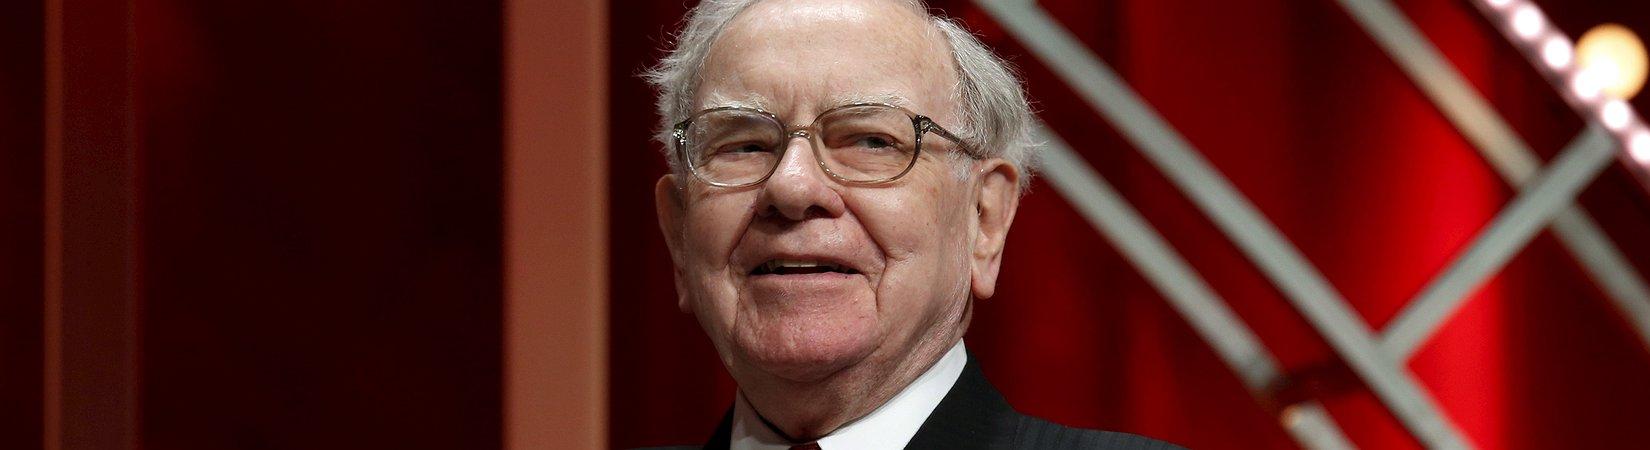 Warren Buffett sobre las perspectivas de la economía, el futuro de los periódicos y el amor por la lectura